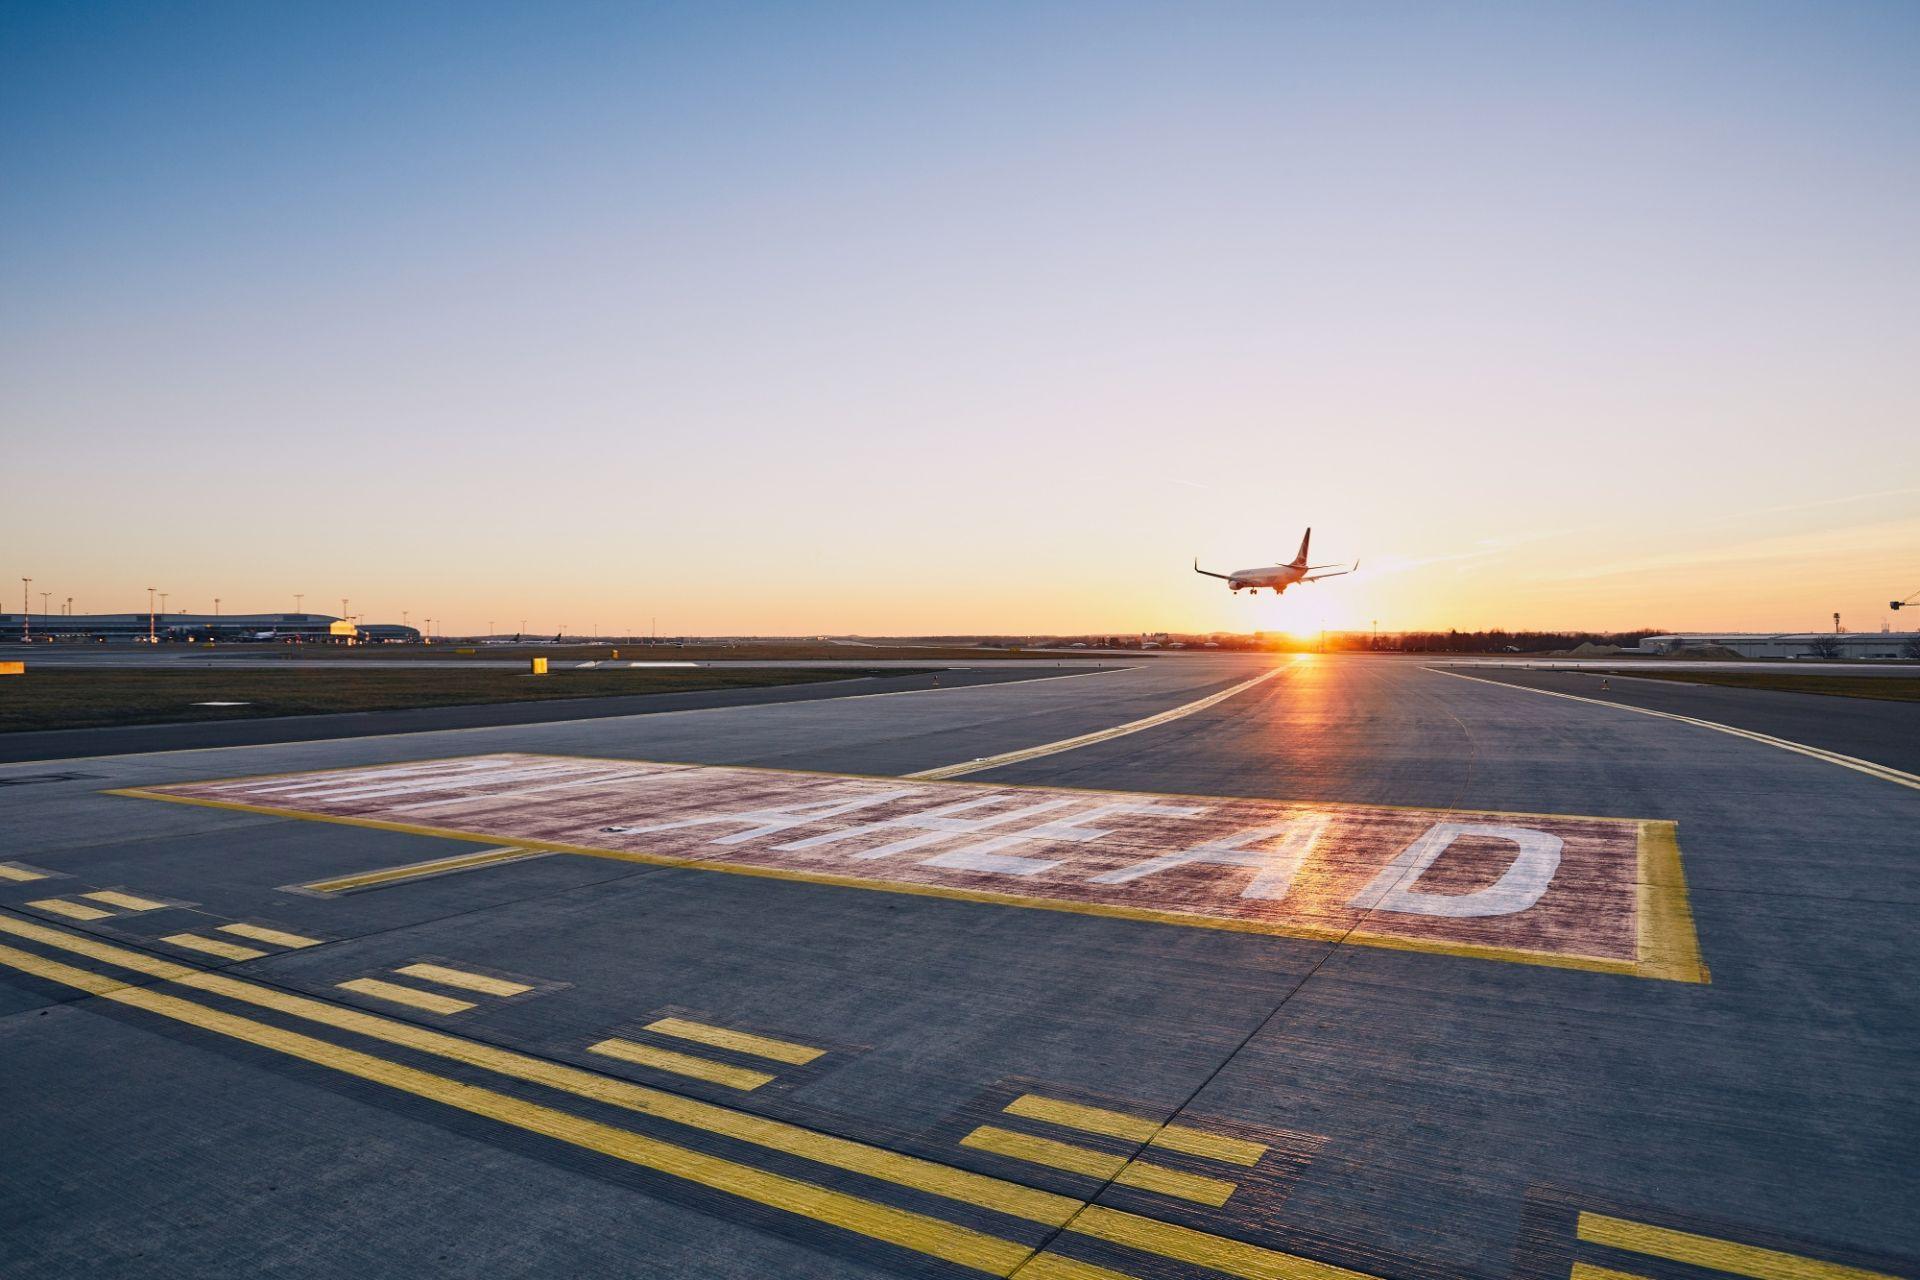 Přistání na dráhu 06/24. Foto: Letiště Praha